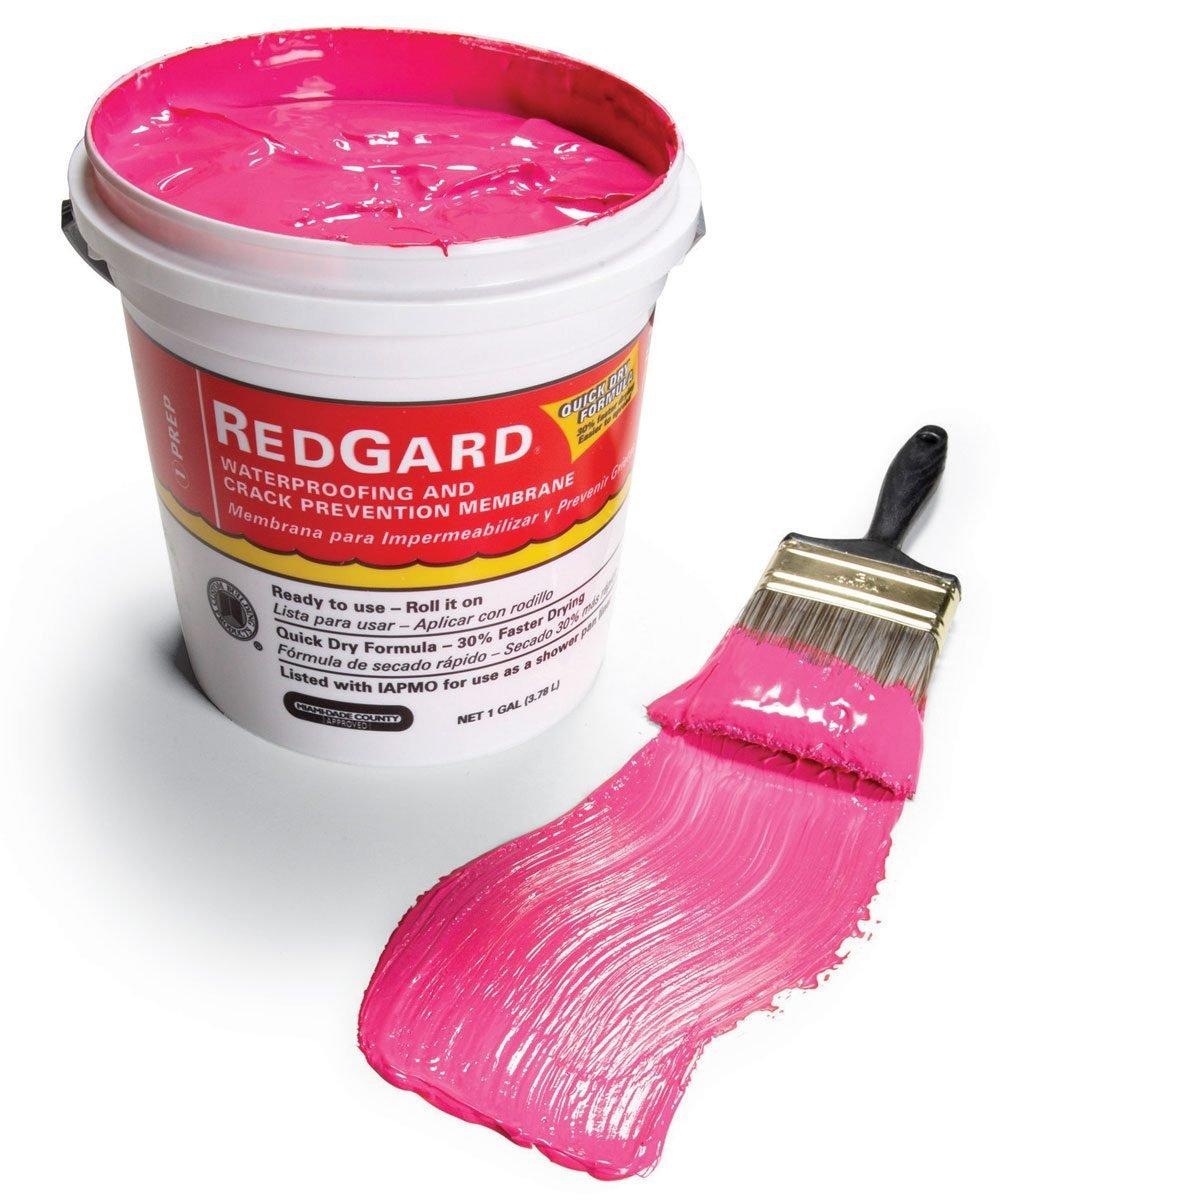 RedGard is a liquid waterproofing